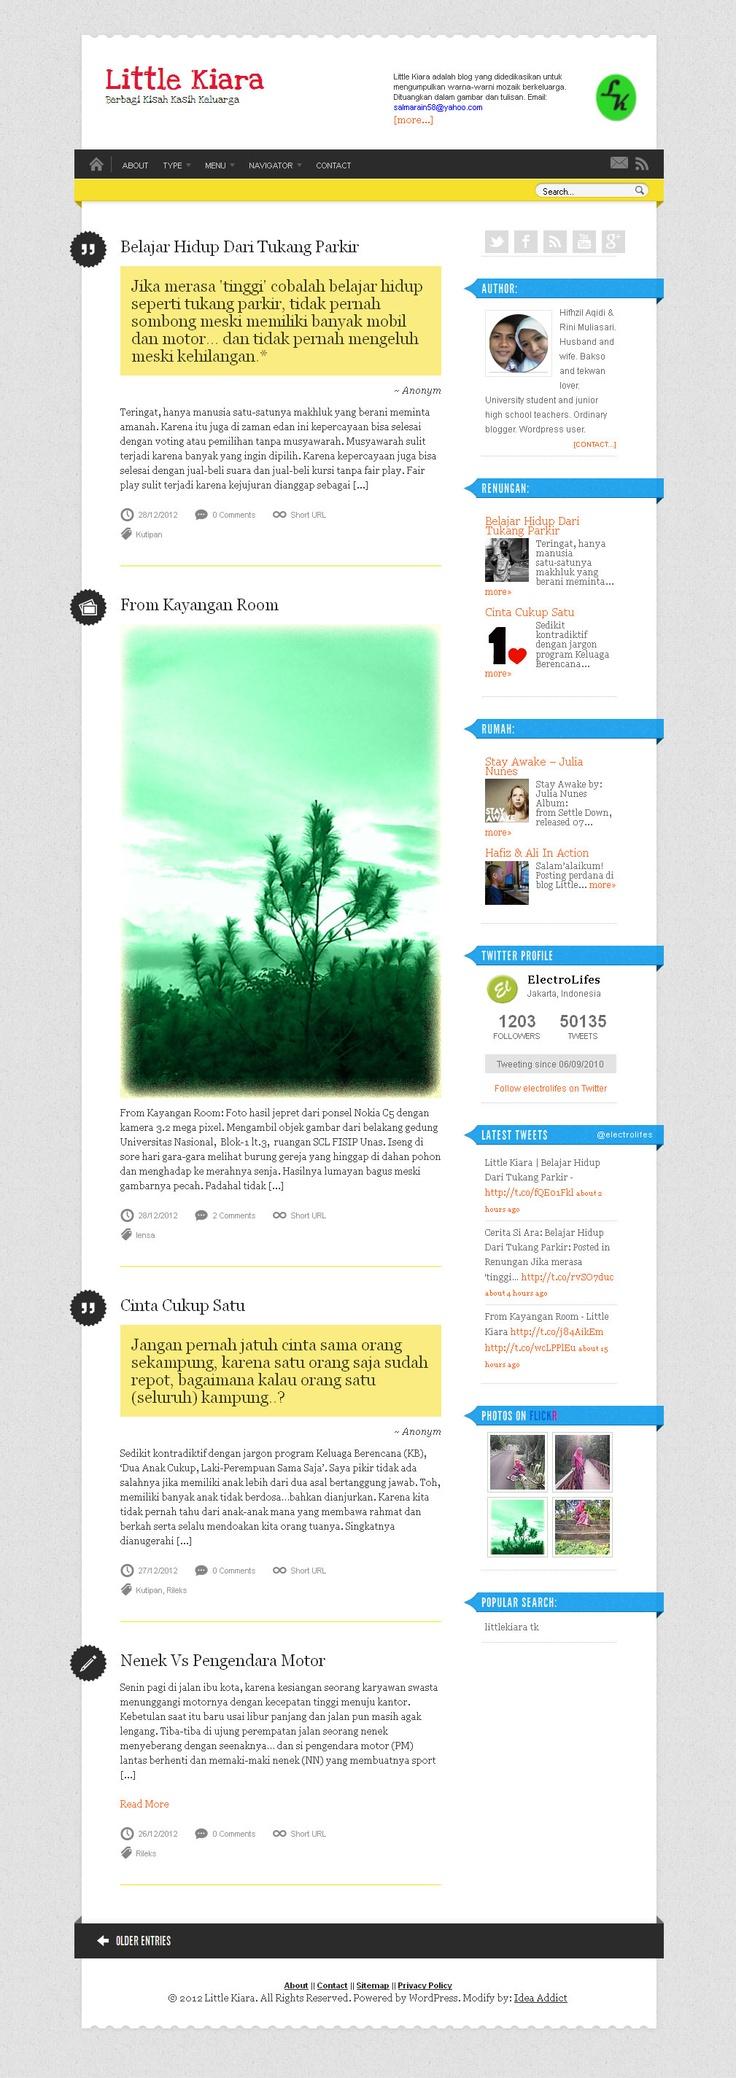 1000 Ide Tentang Cerita Lucu Di Pinterest Foto Lucu Lelucon